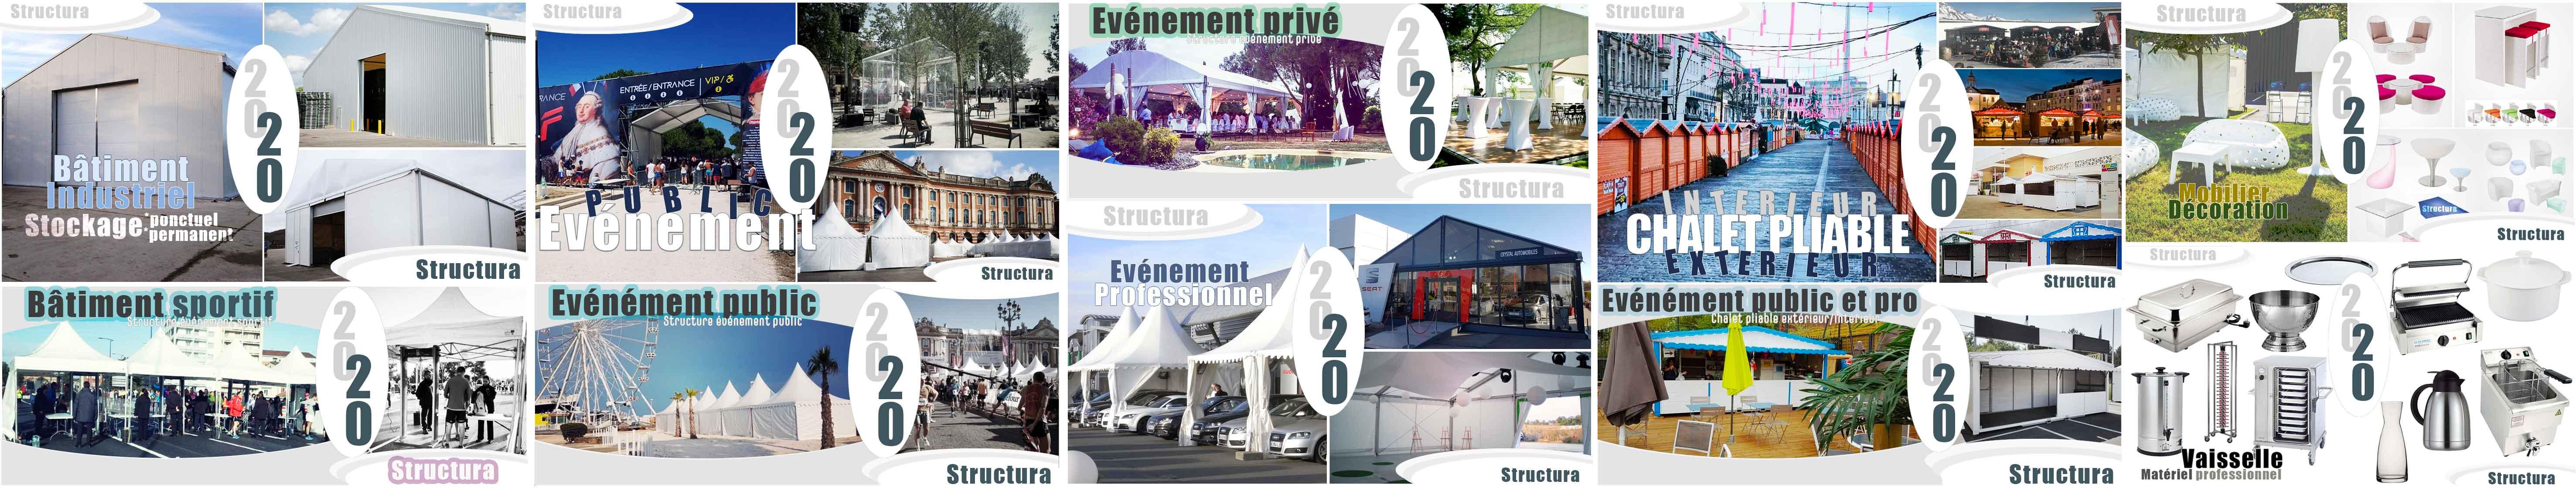 Structura location matériels de réception - matériel événementiel